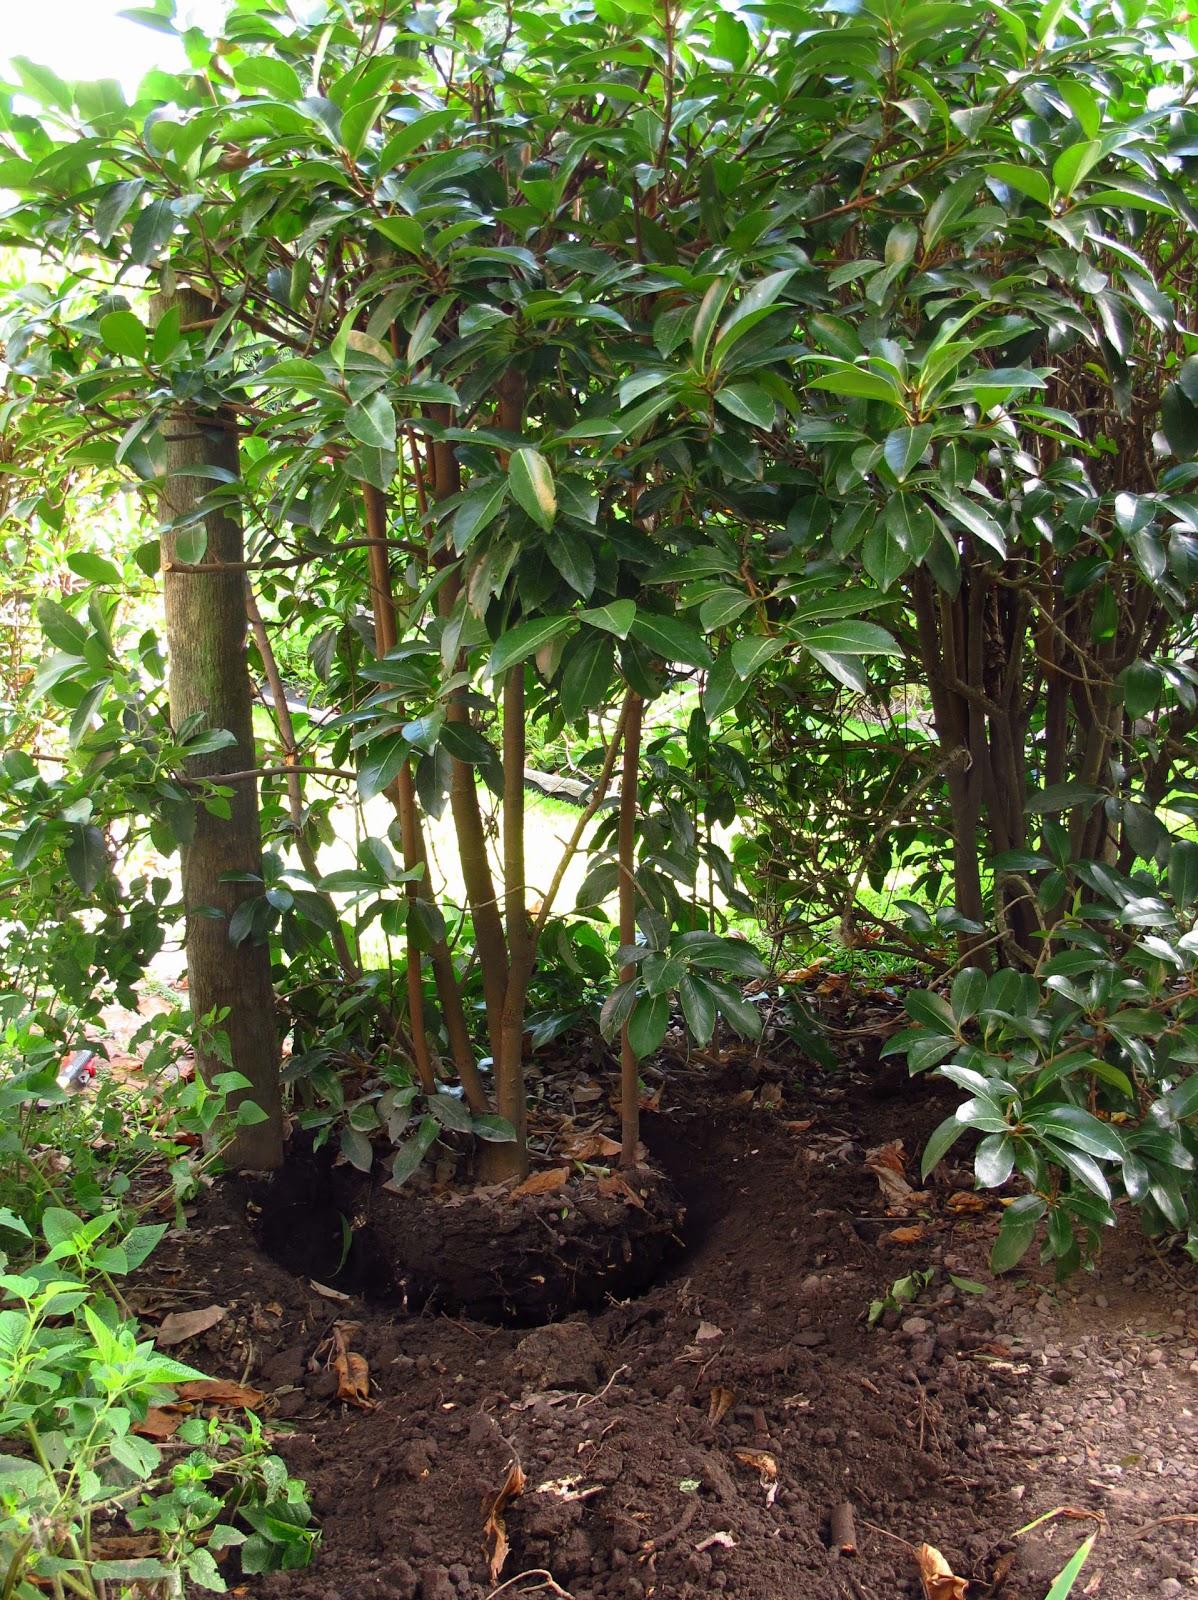 en el jardin trasplante de arbustos perennes On arbustos perennes para jardin